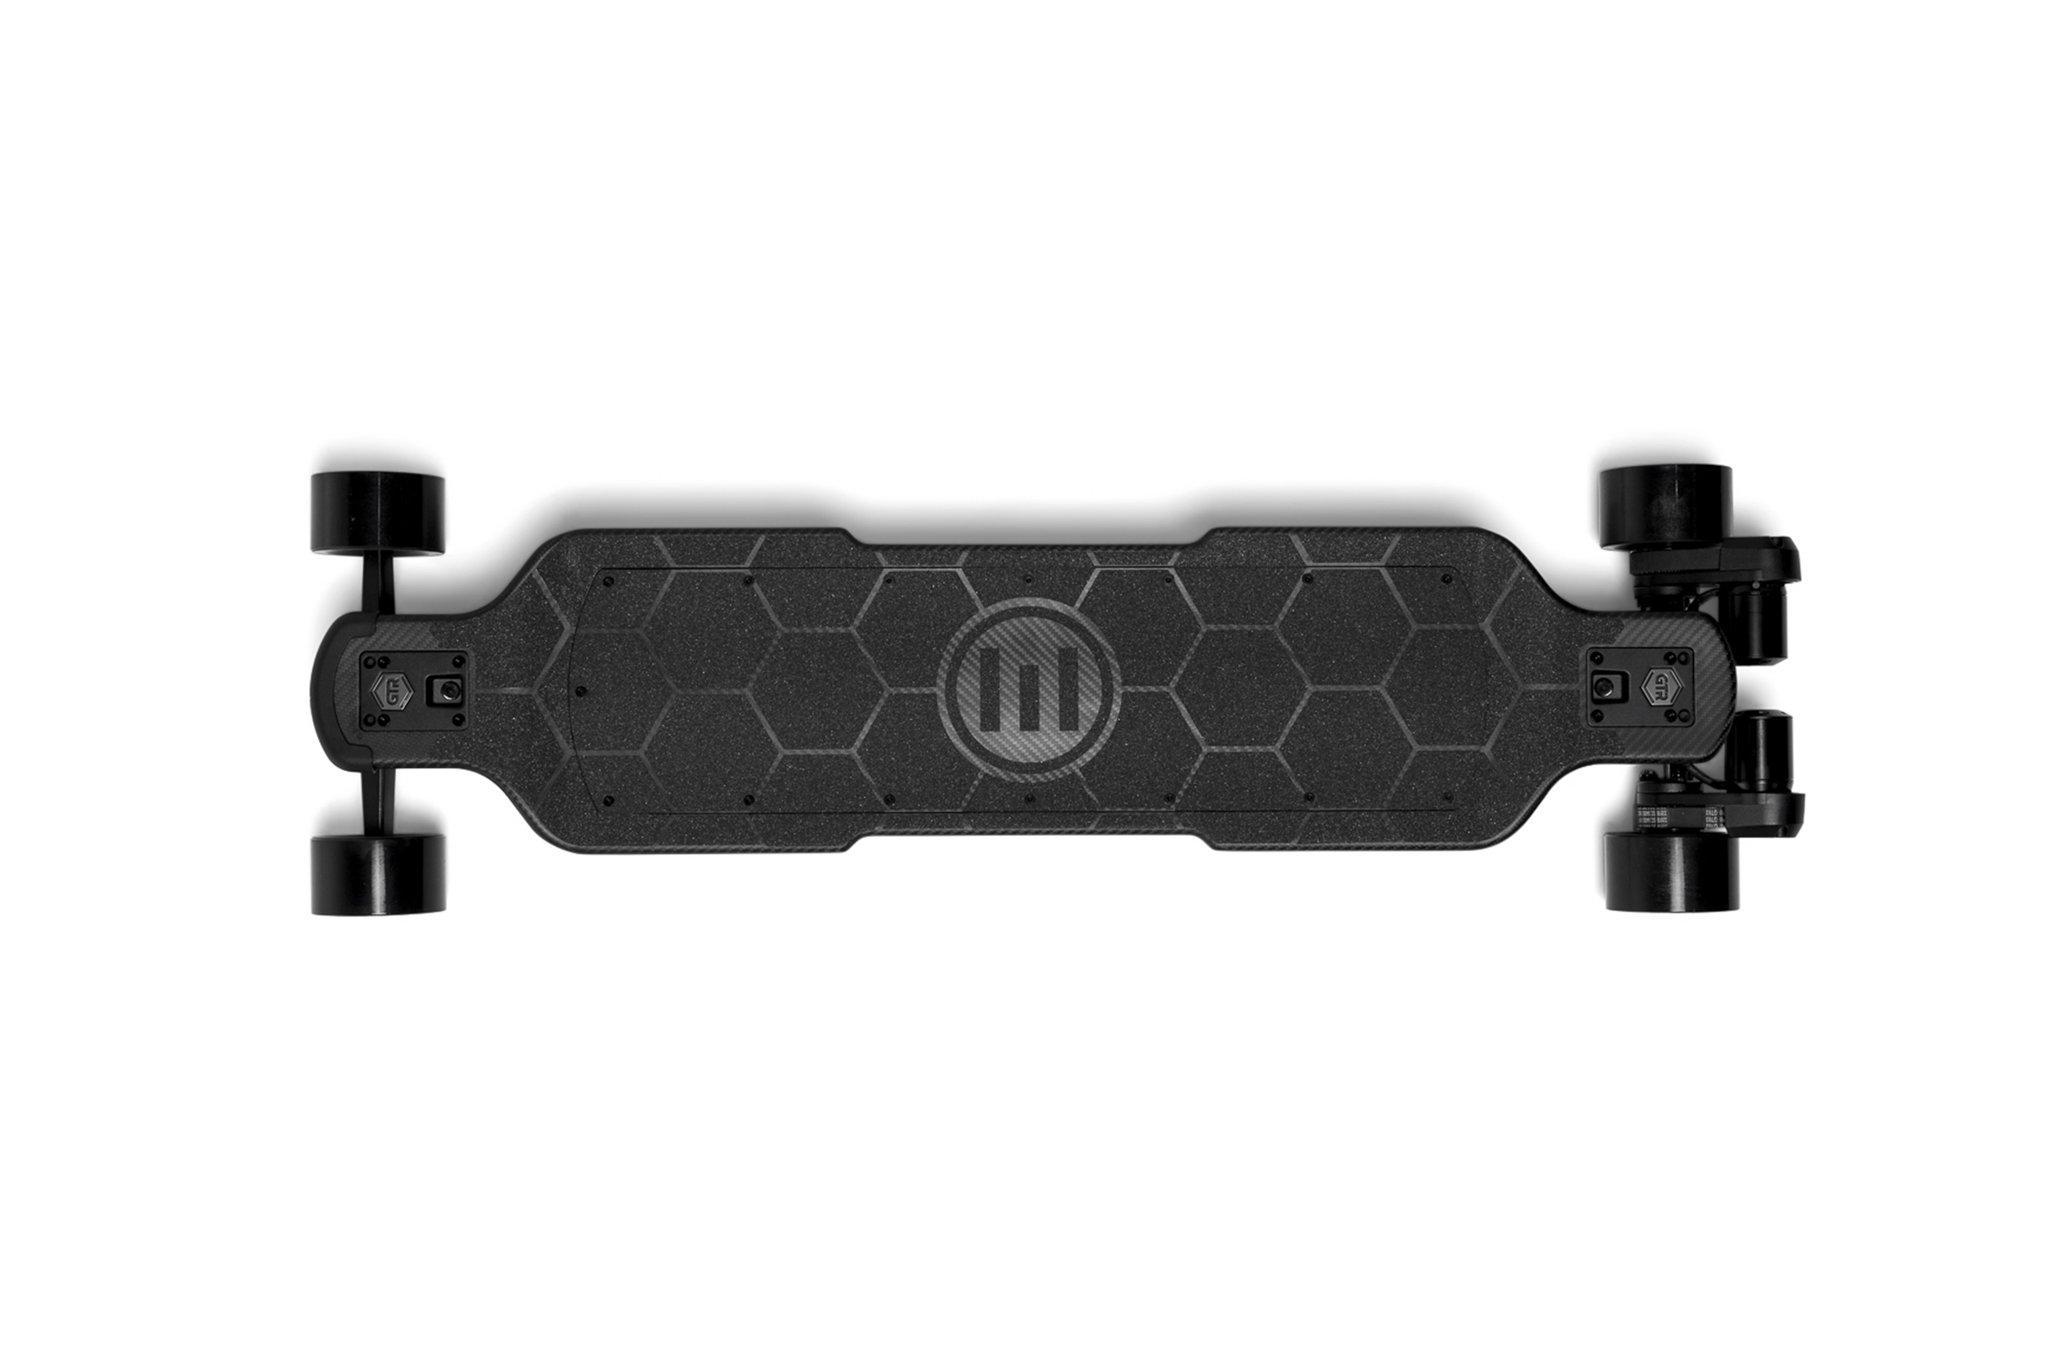 Evolve GTR Carbon Street e-Skateboard